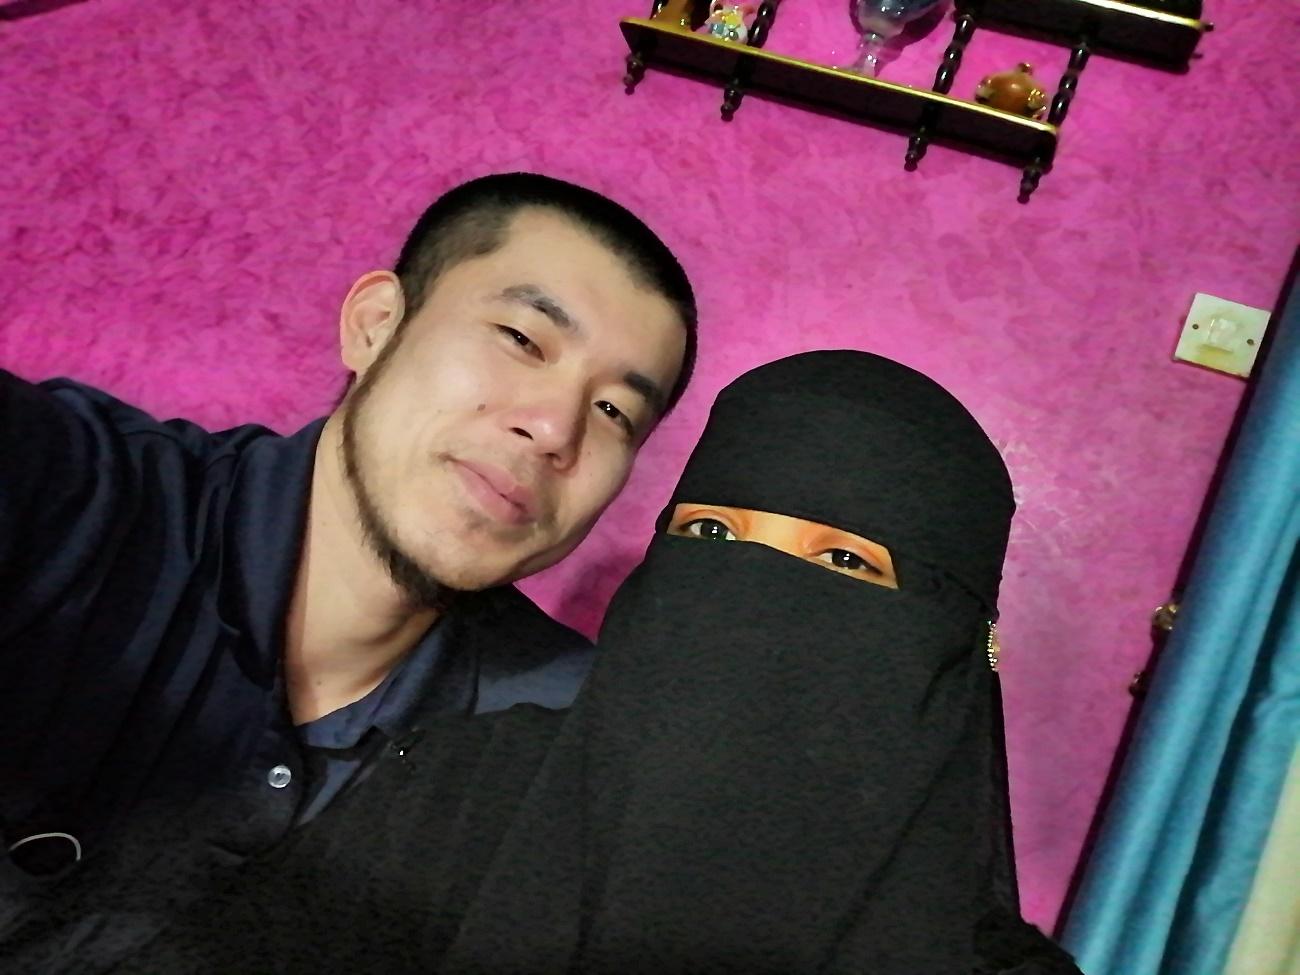 引きこもりから理想郷スーダンへ。社会問題に向き合う日本人ムスリム